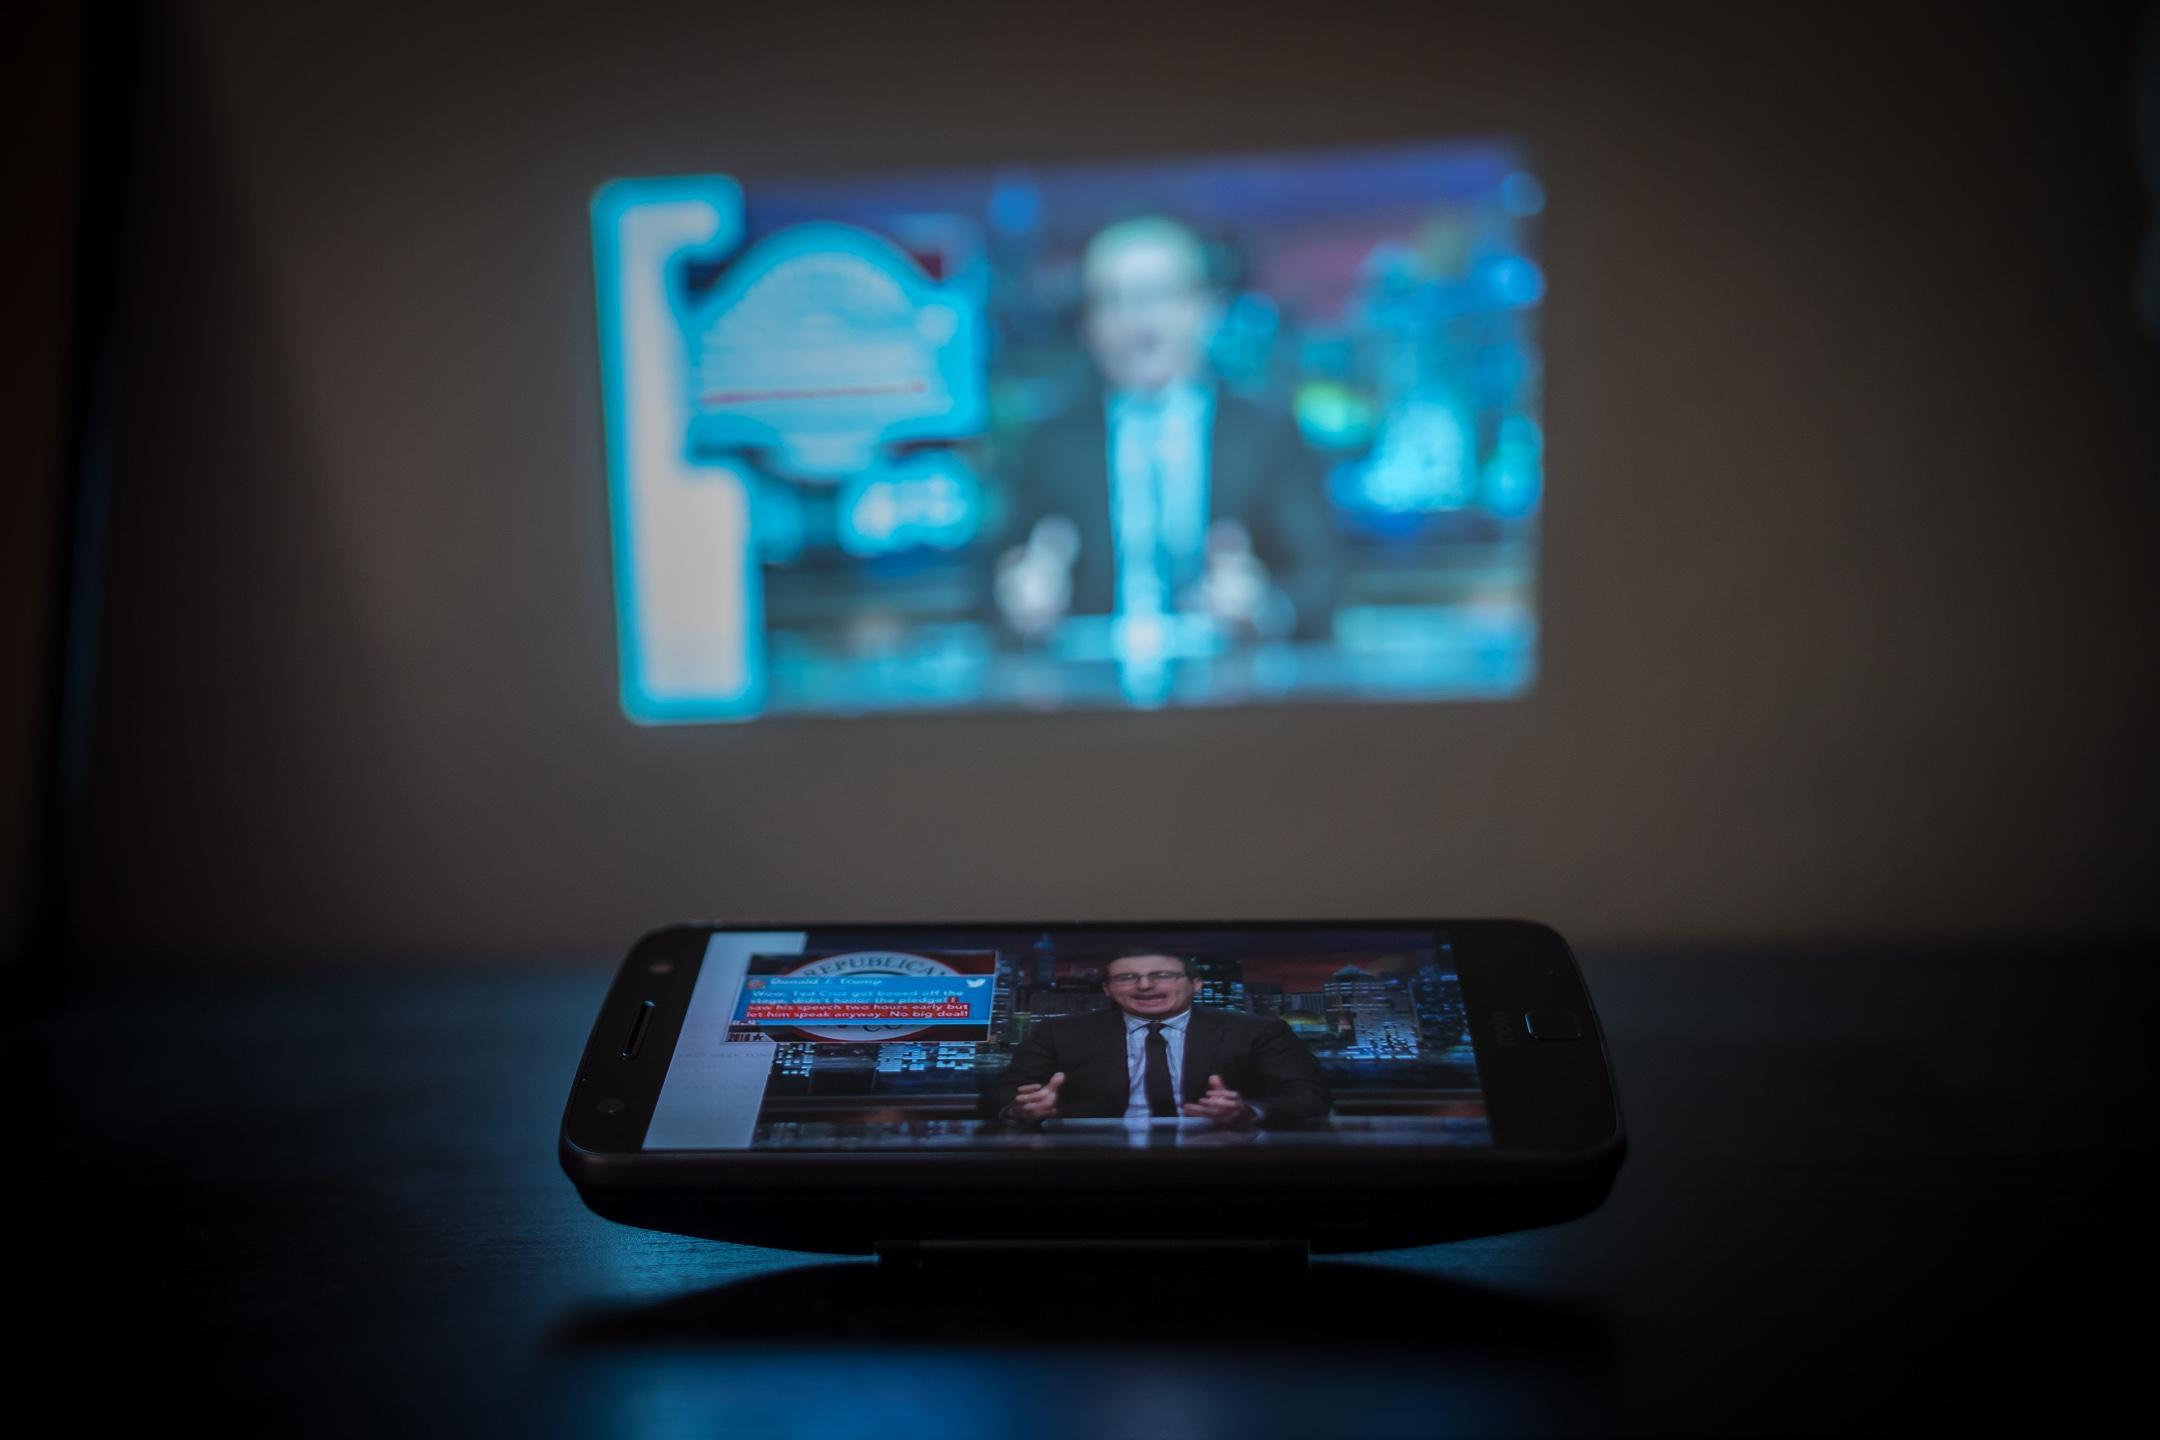 Технологии мобильных устройств, которые не получили распространения (часть 2)